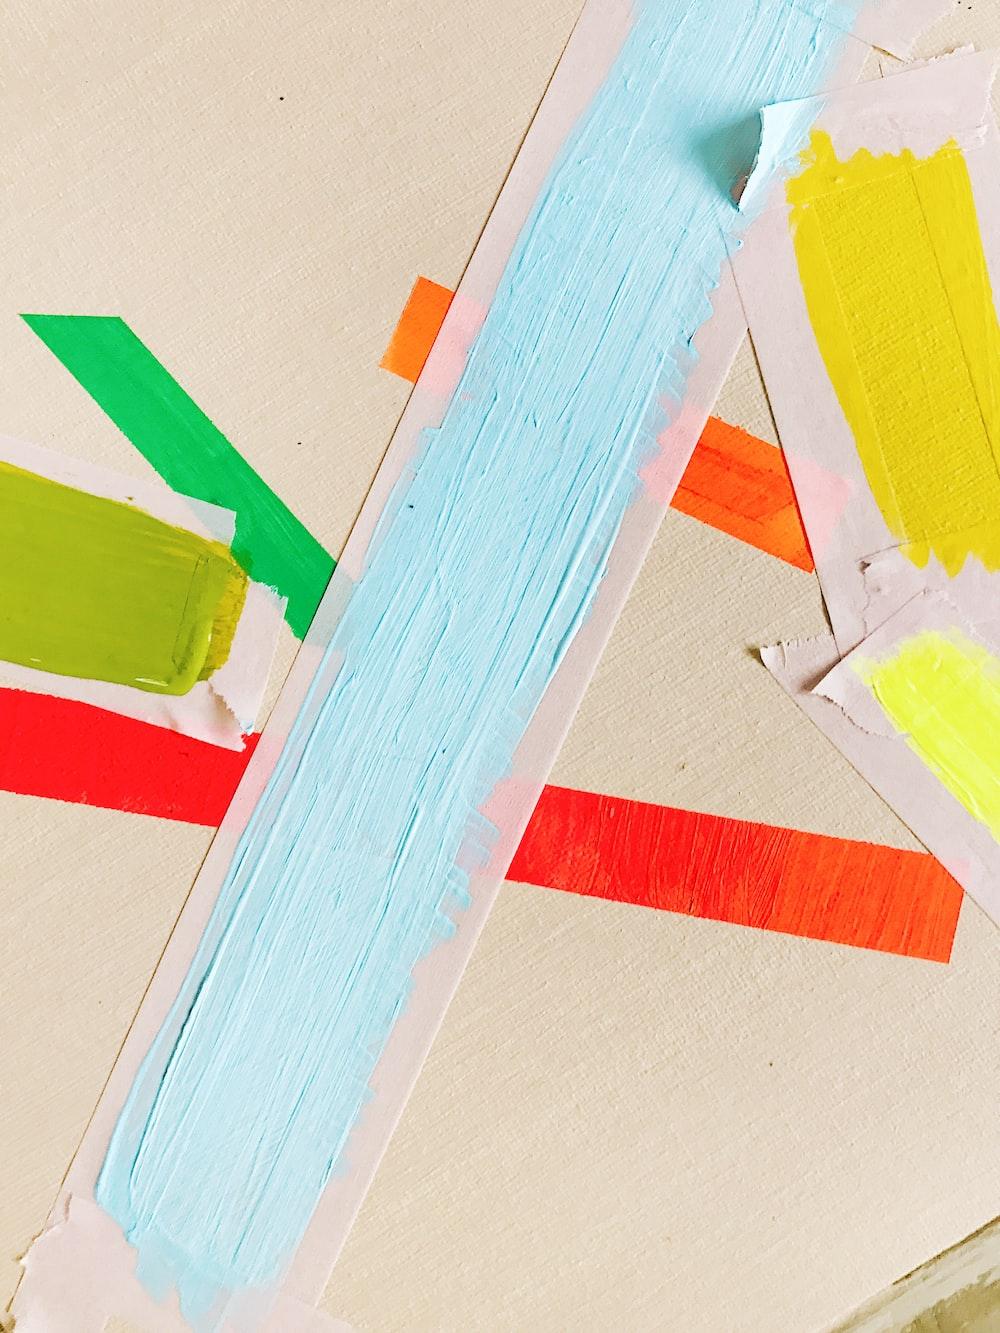 multicolored paints